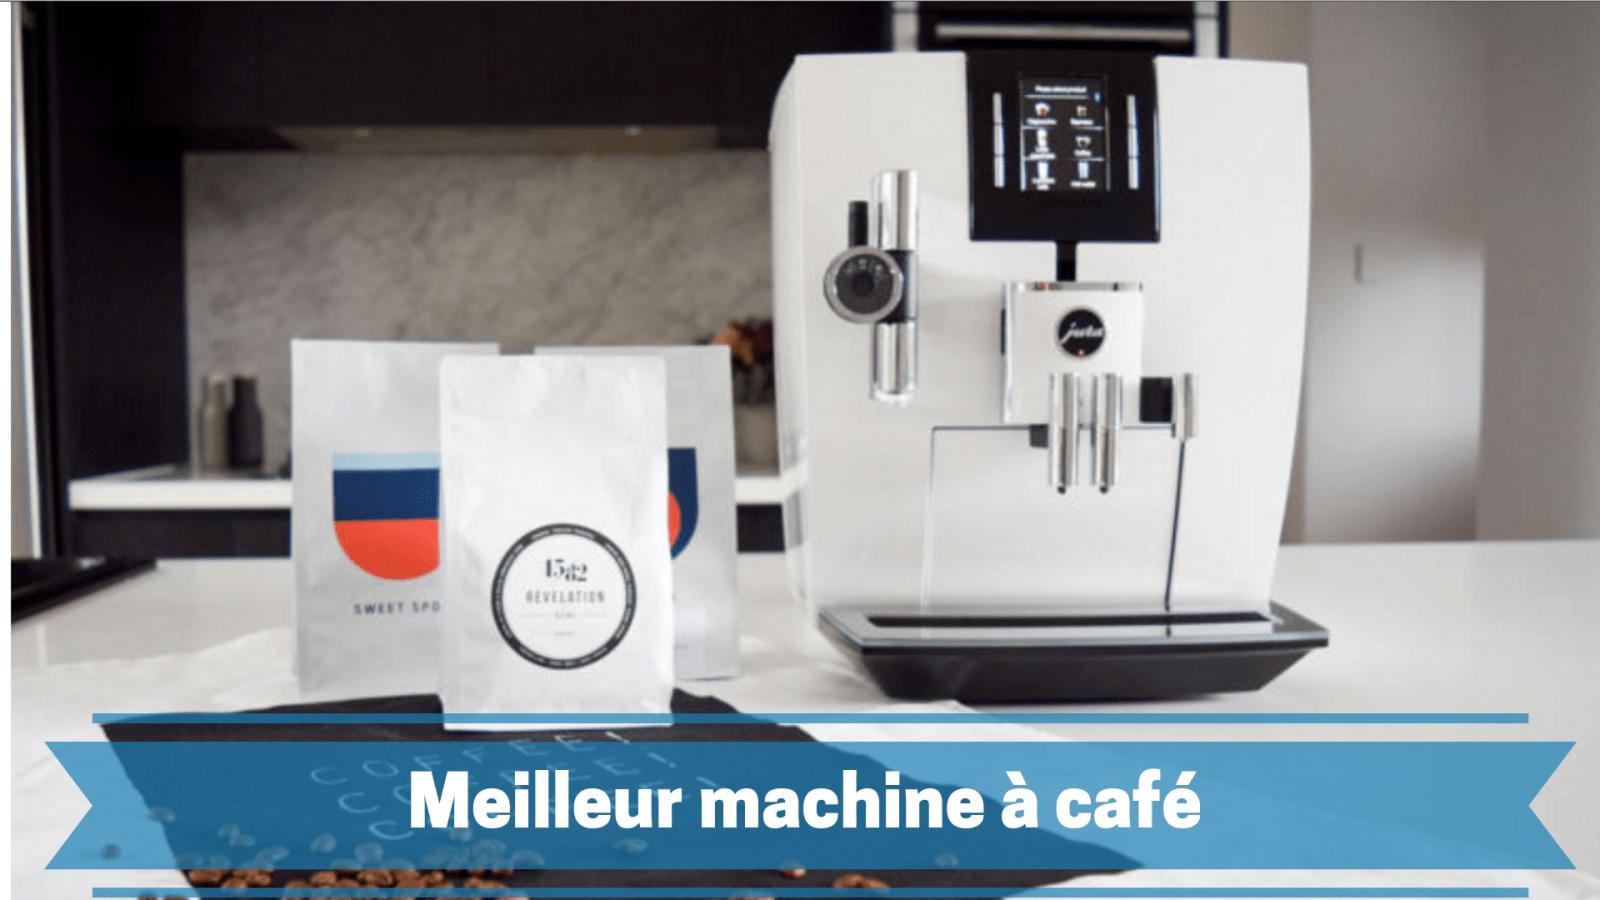 Meilleur machine à café, guide d'achat et comparatif